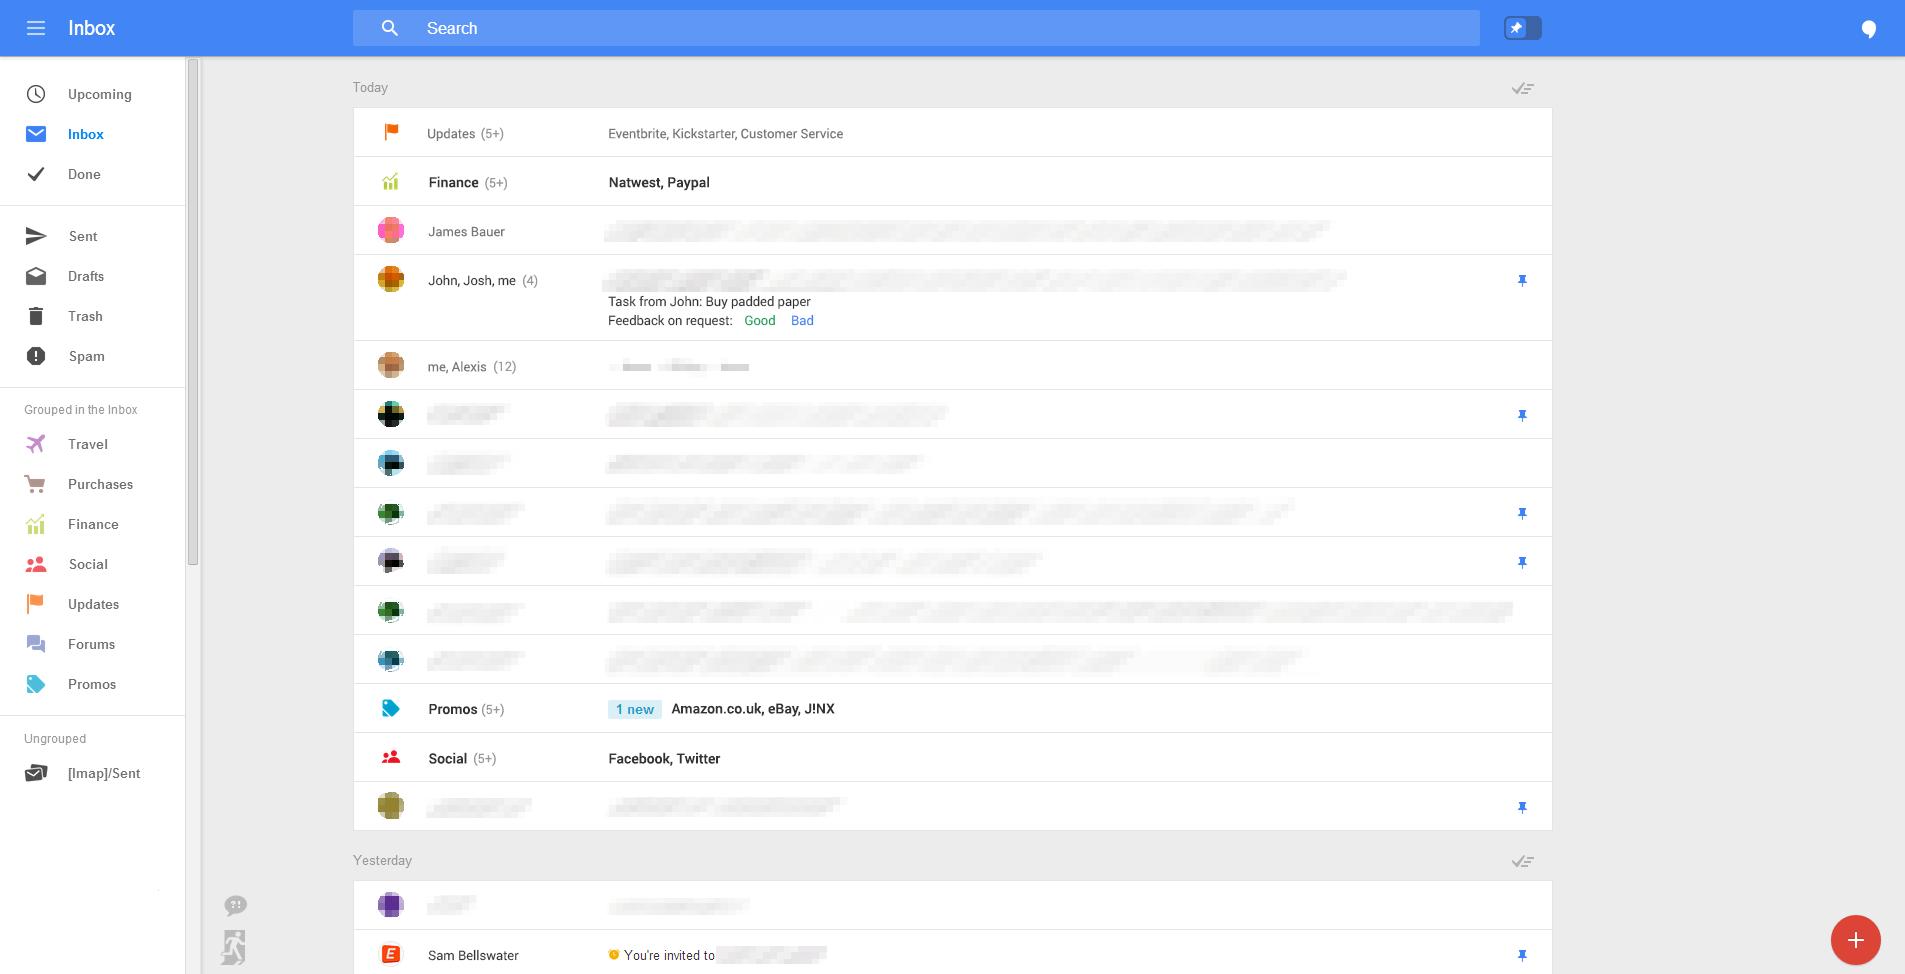 gmail-update-rumor3